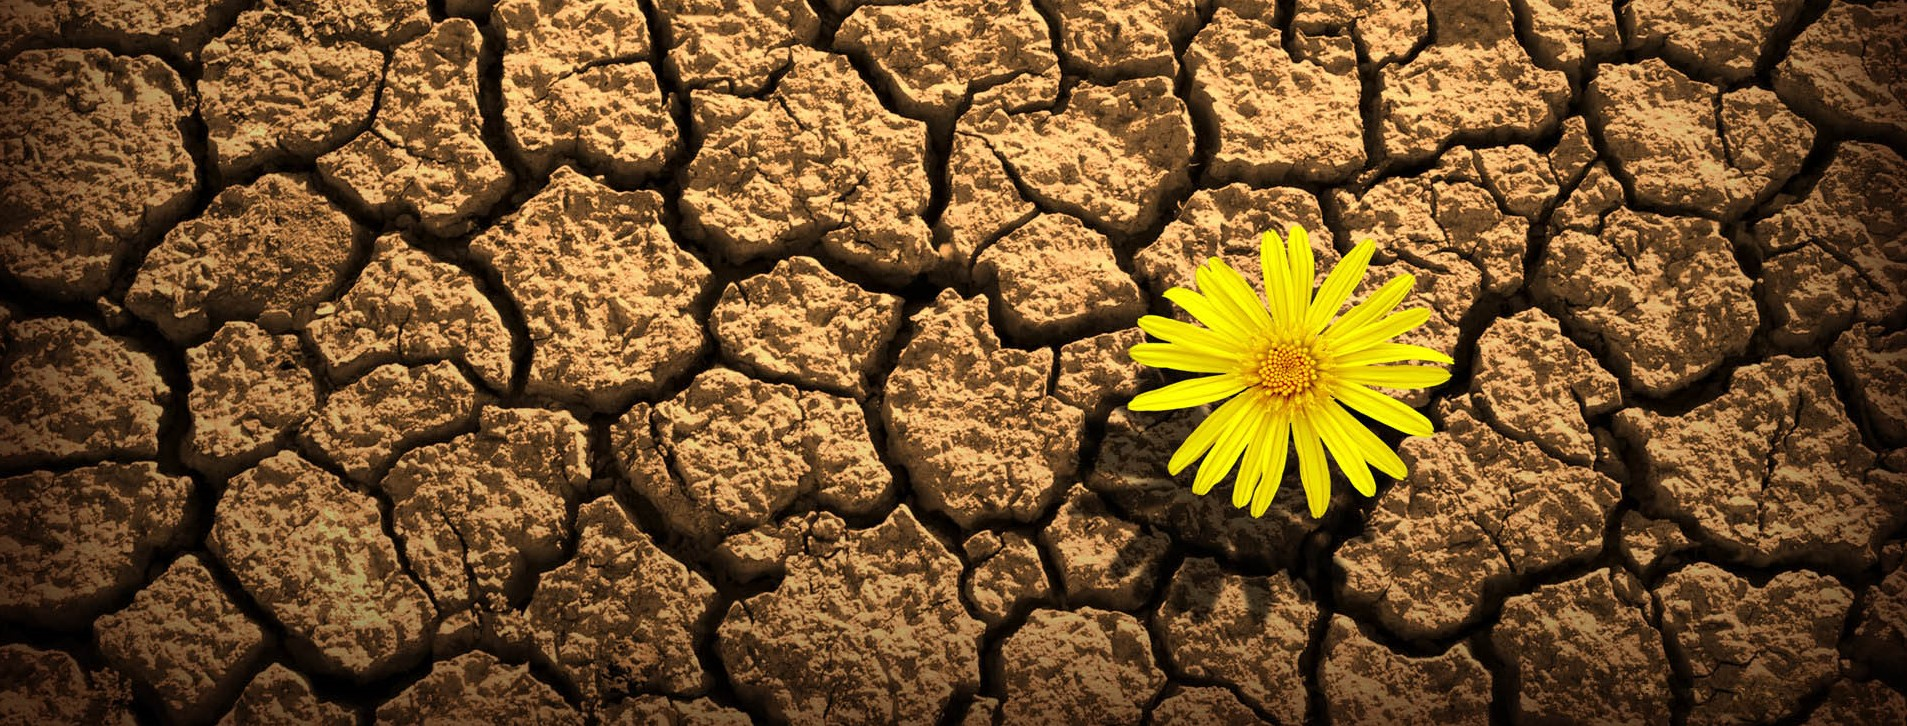 Resilienza: cos'é e perché costituisce una risorsa fondamentale?